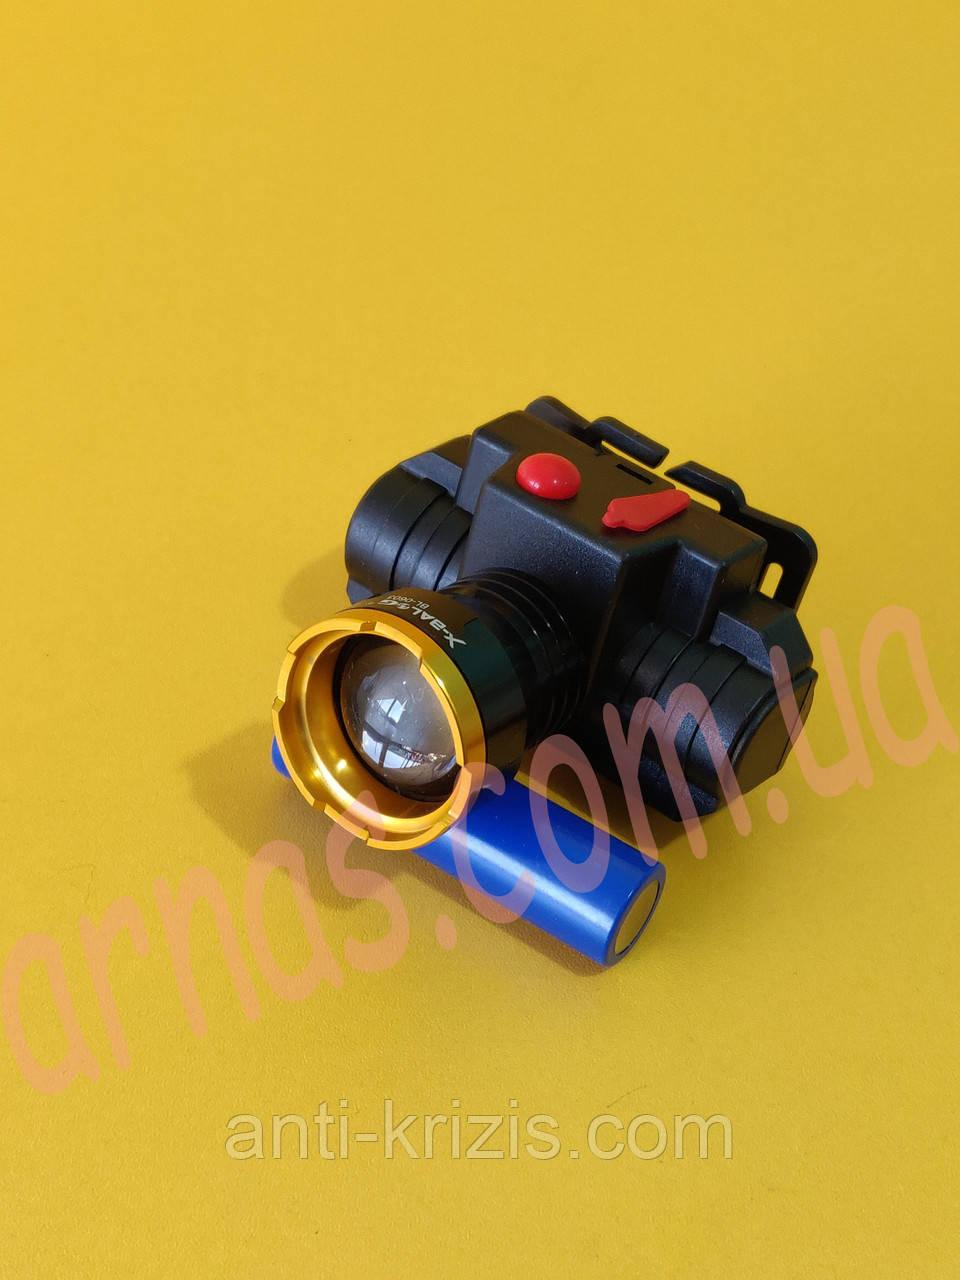 Аккумуляторный налобный фонарь CB-0603-T6